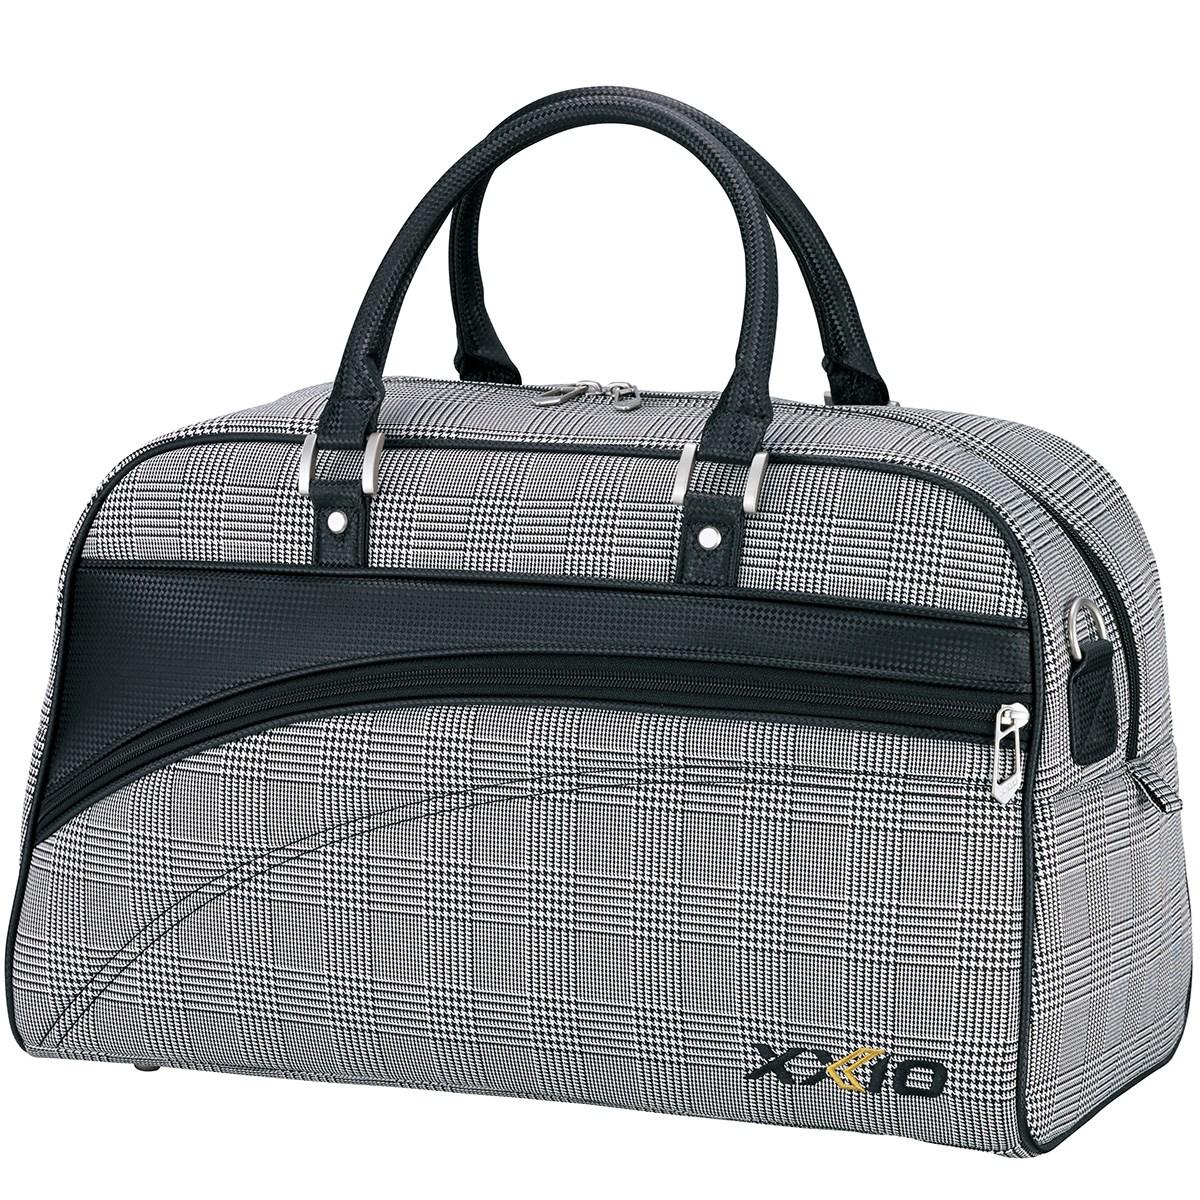 ダンロップ XXIO スポーツバッグ グレンチェック